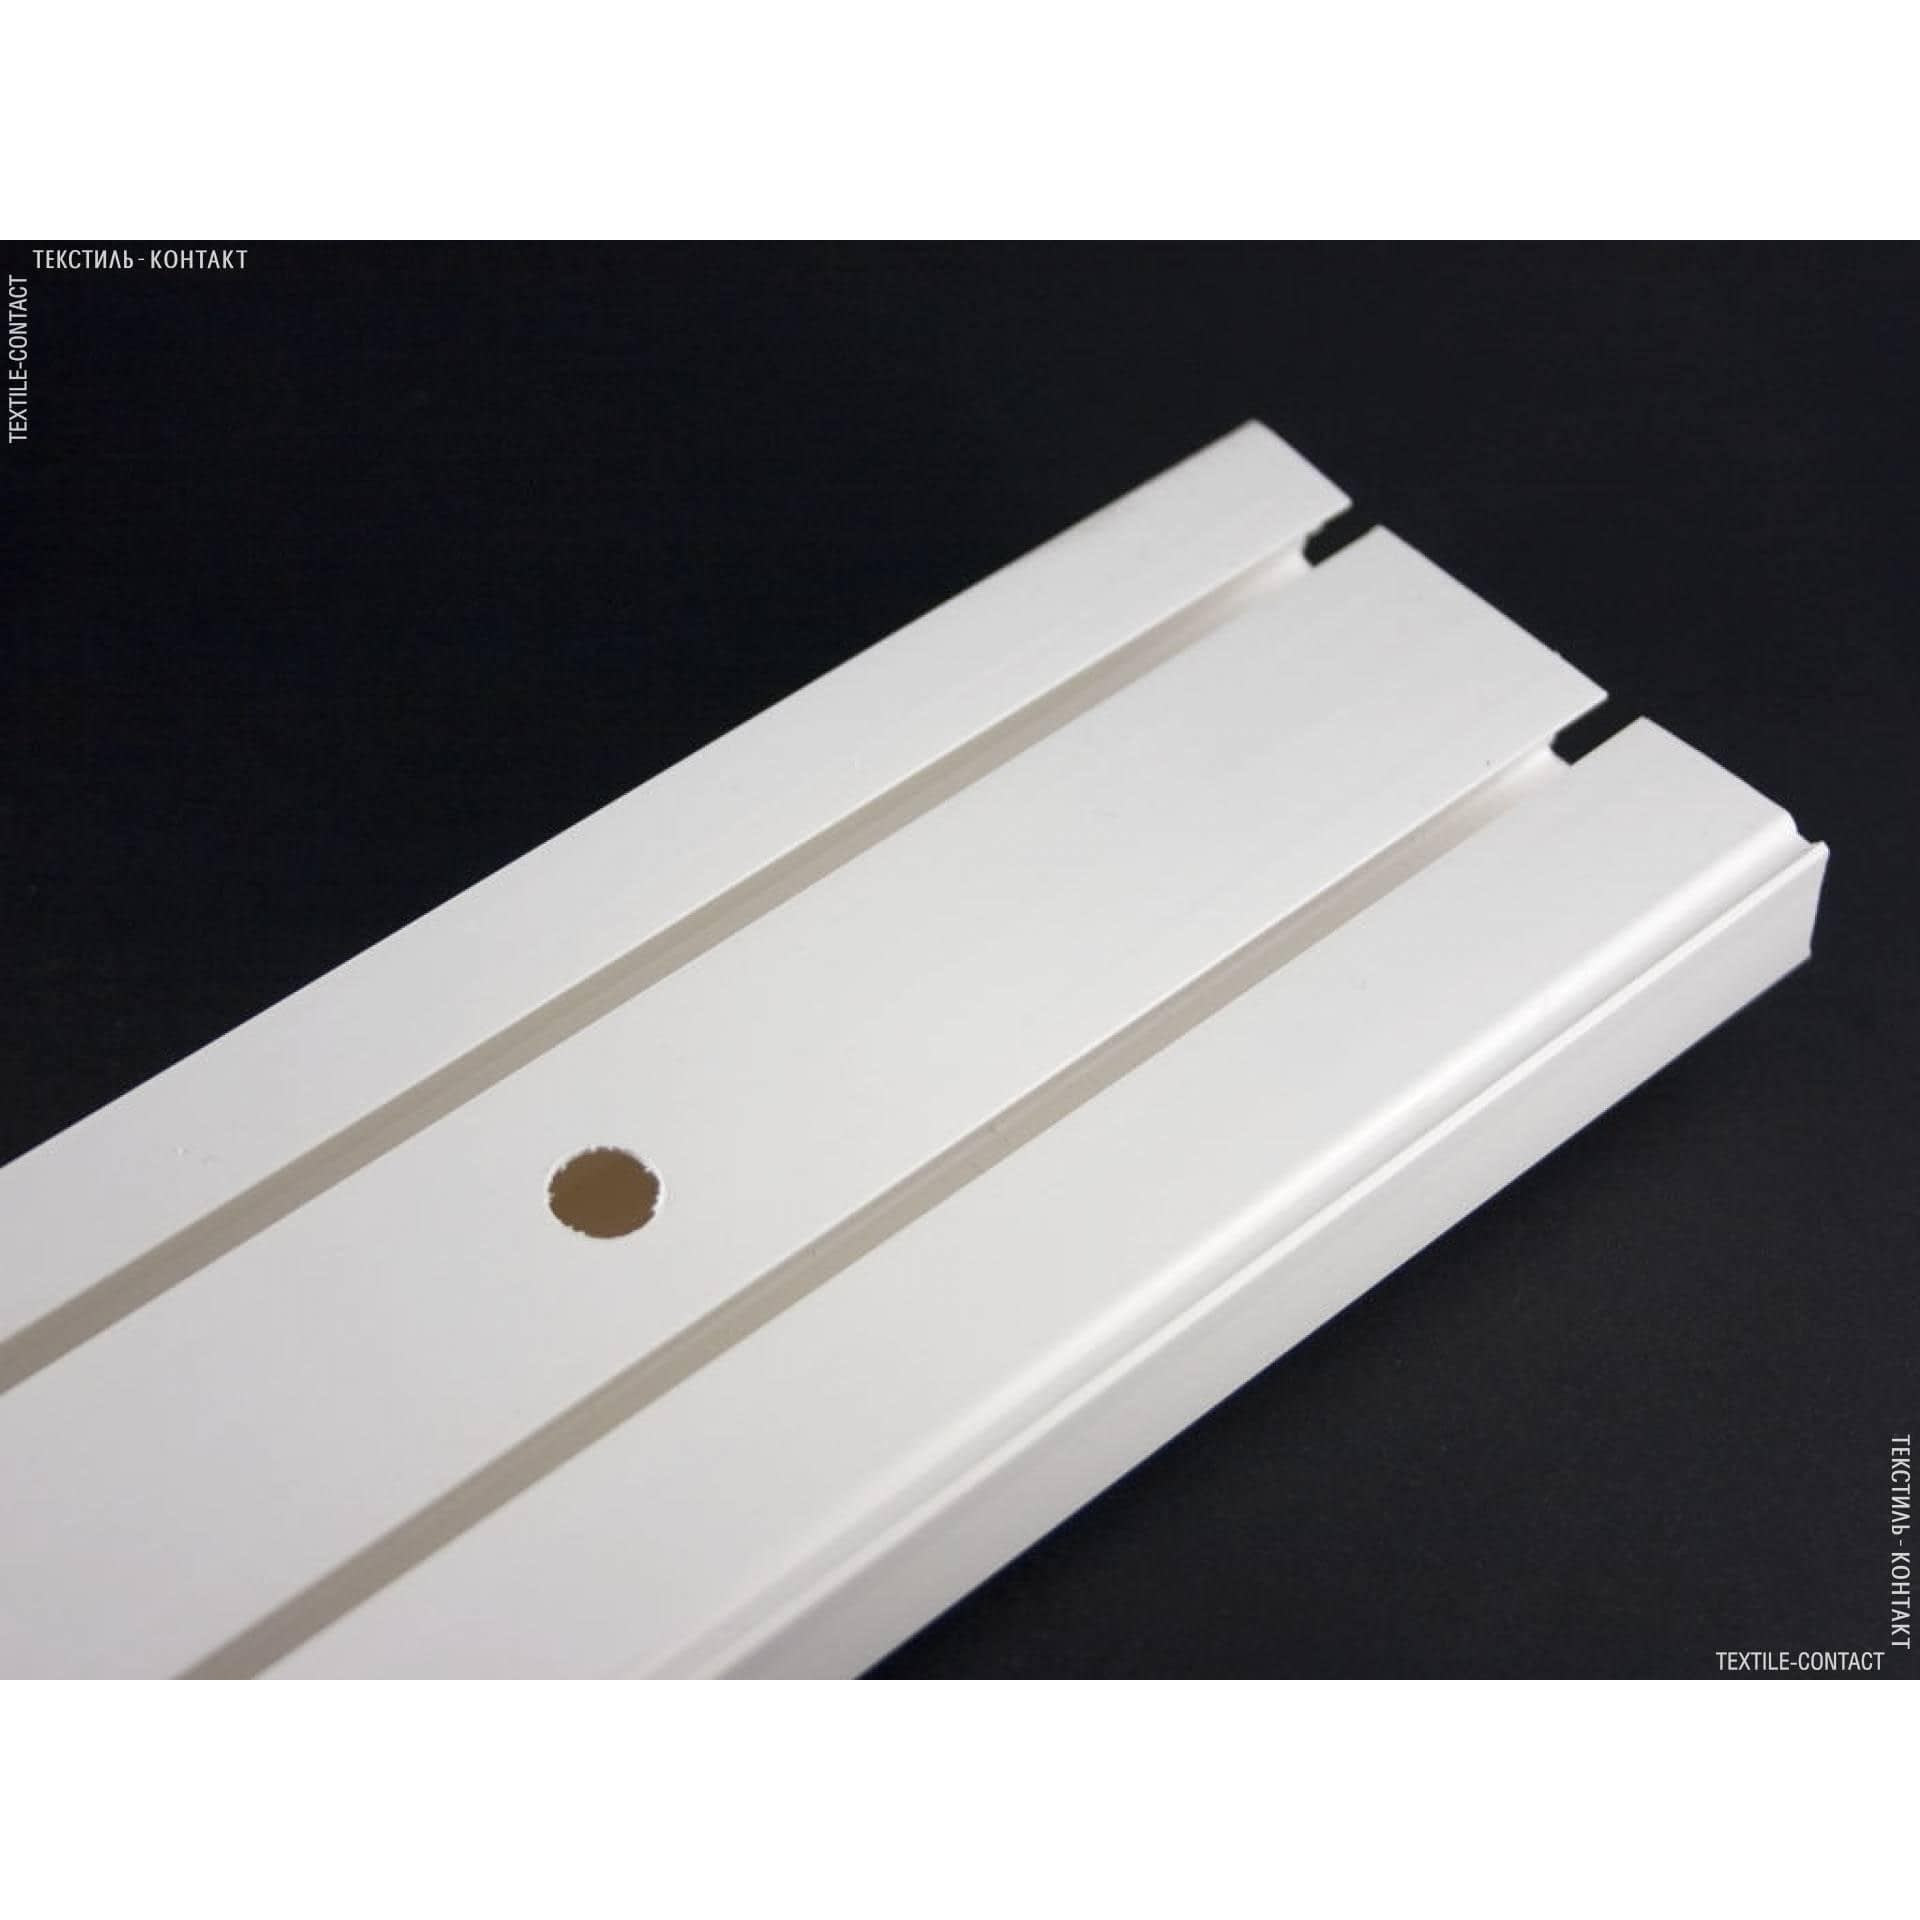 Тканини карнизи - Шина пластикова 2-смугова №1234 120см